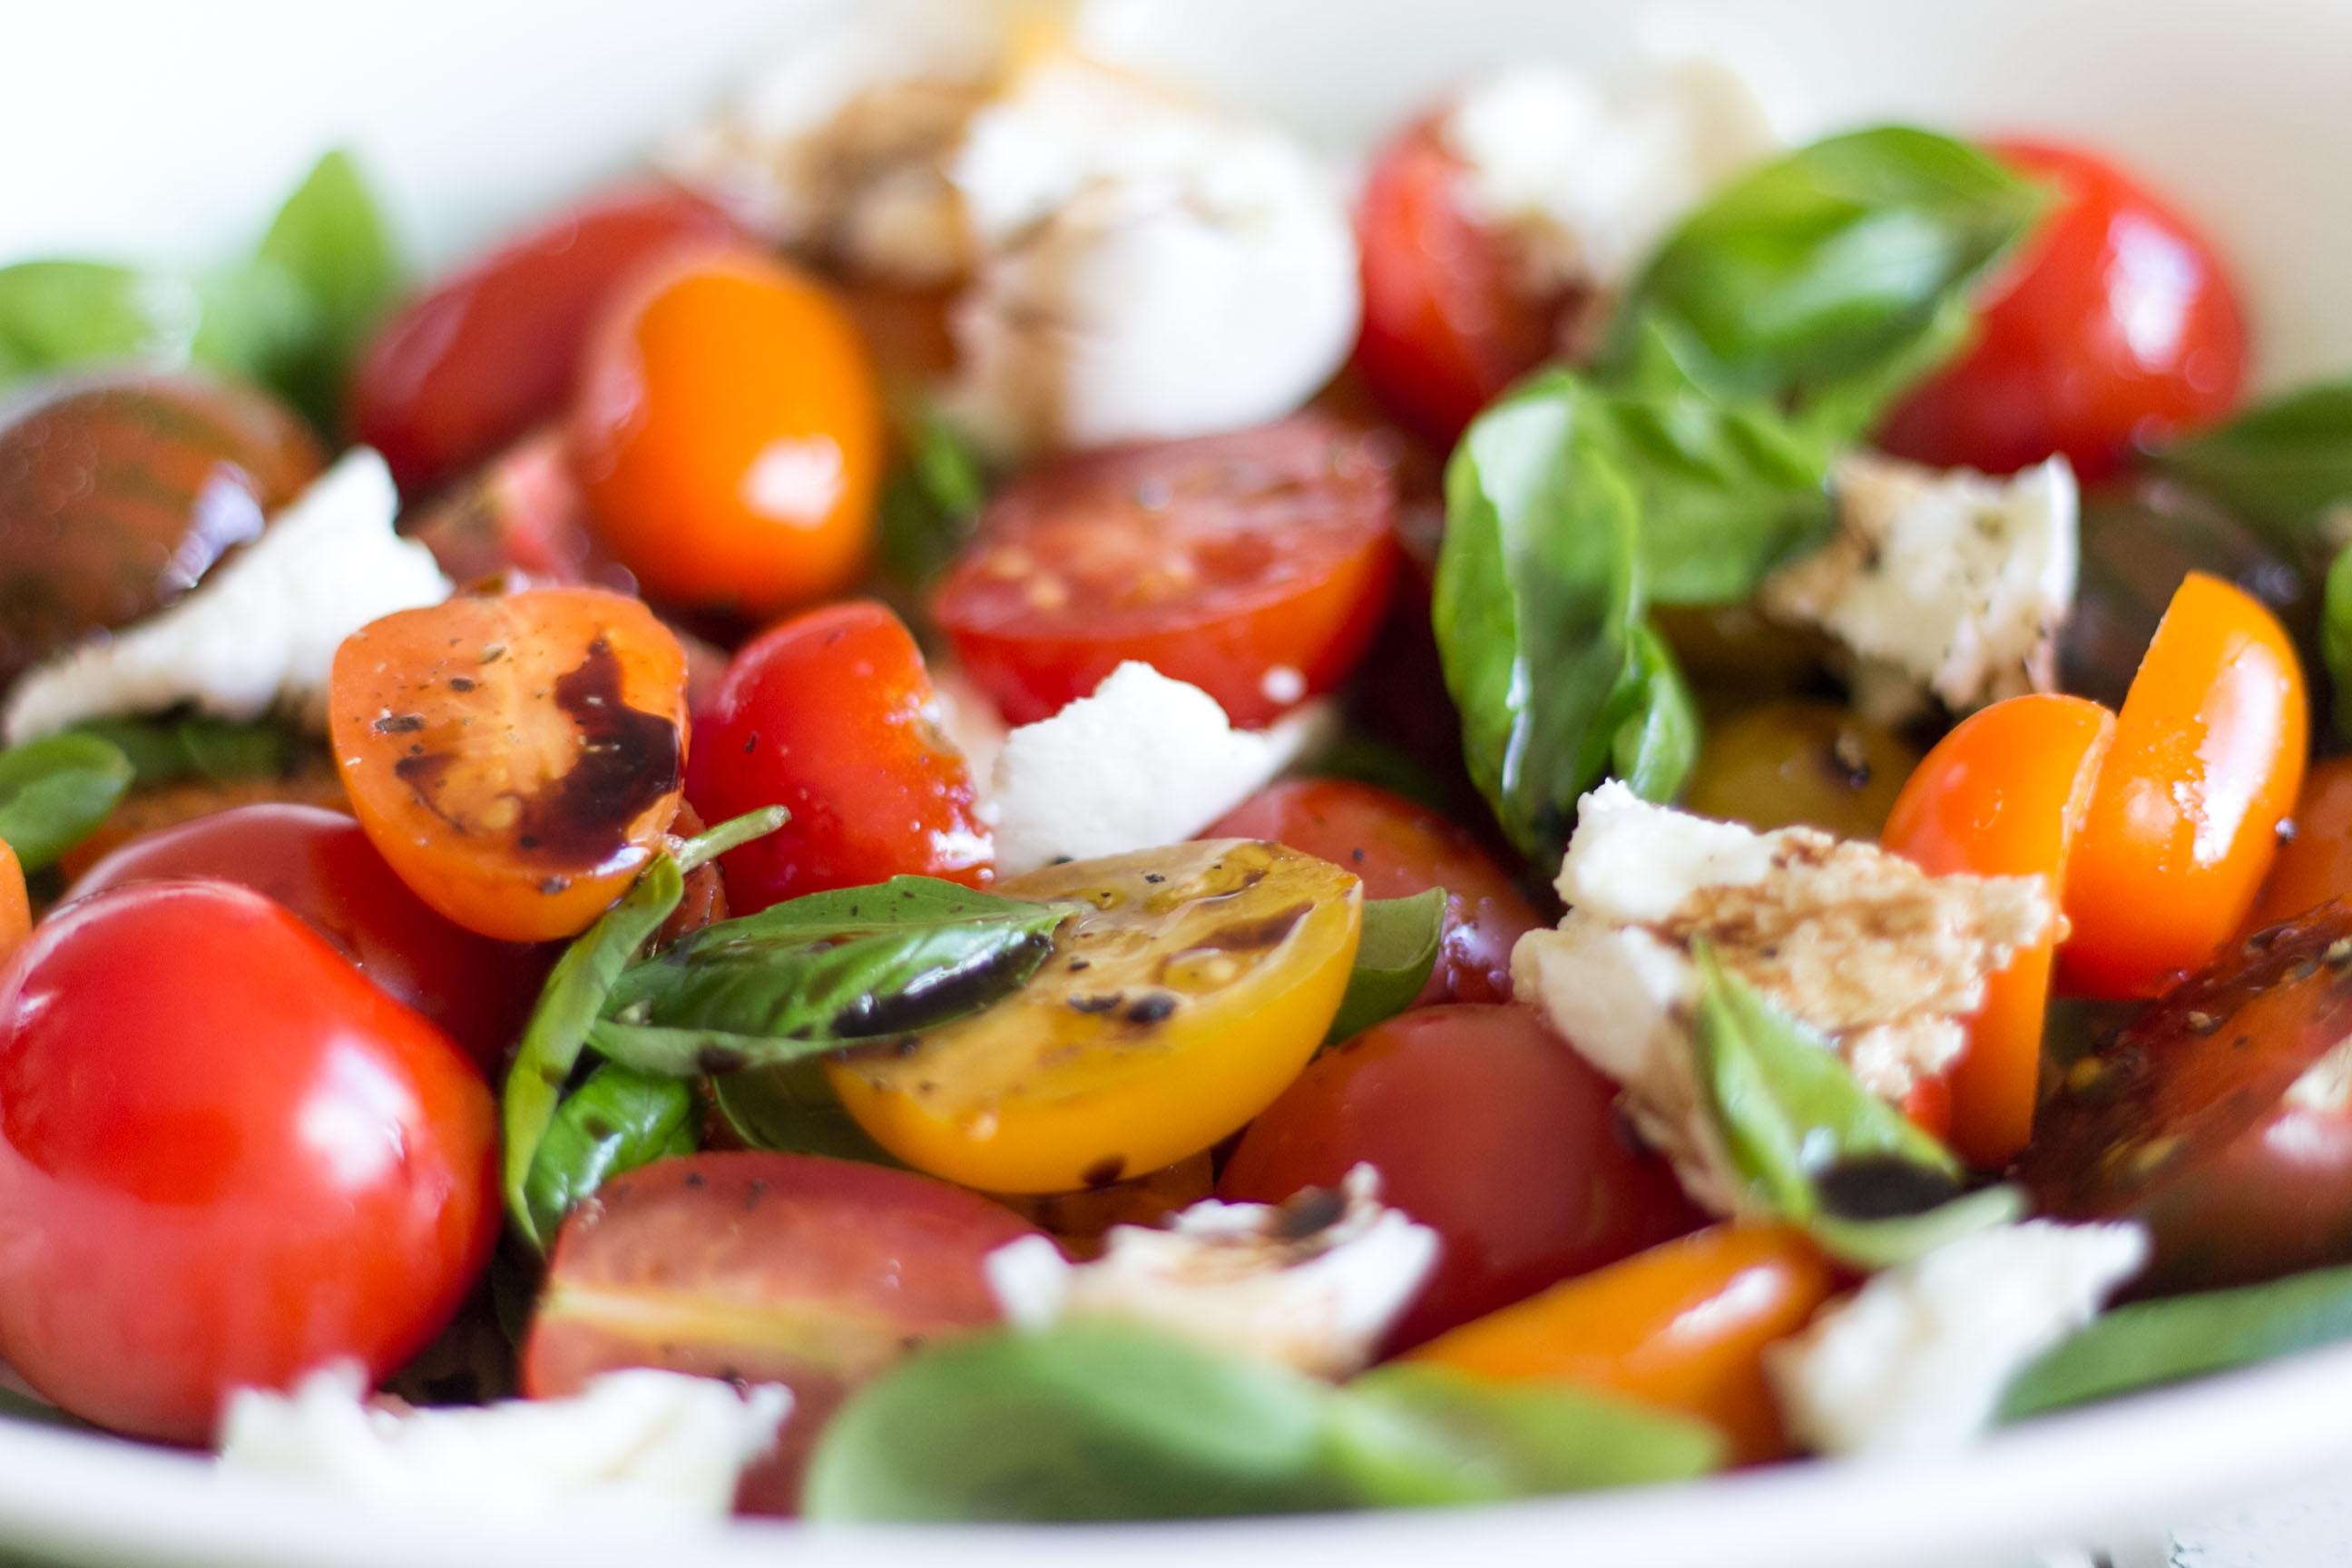 Tomato And Mozzarella Salad  Tomato and Mozzarella Salad